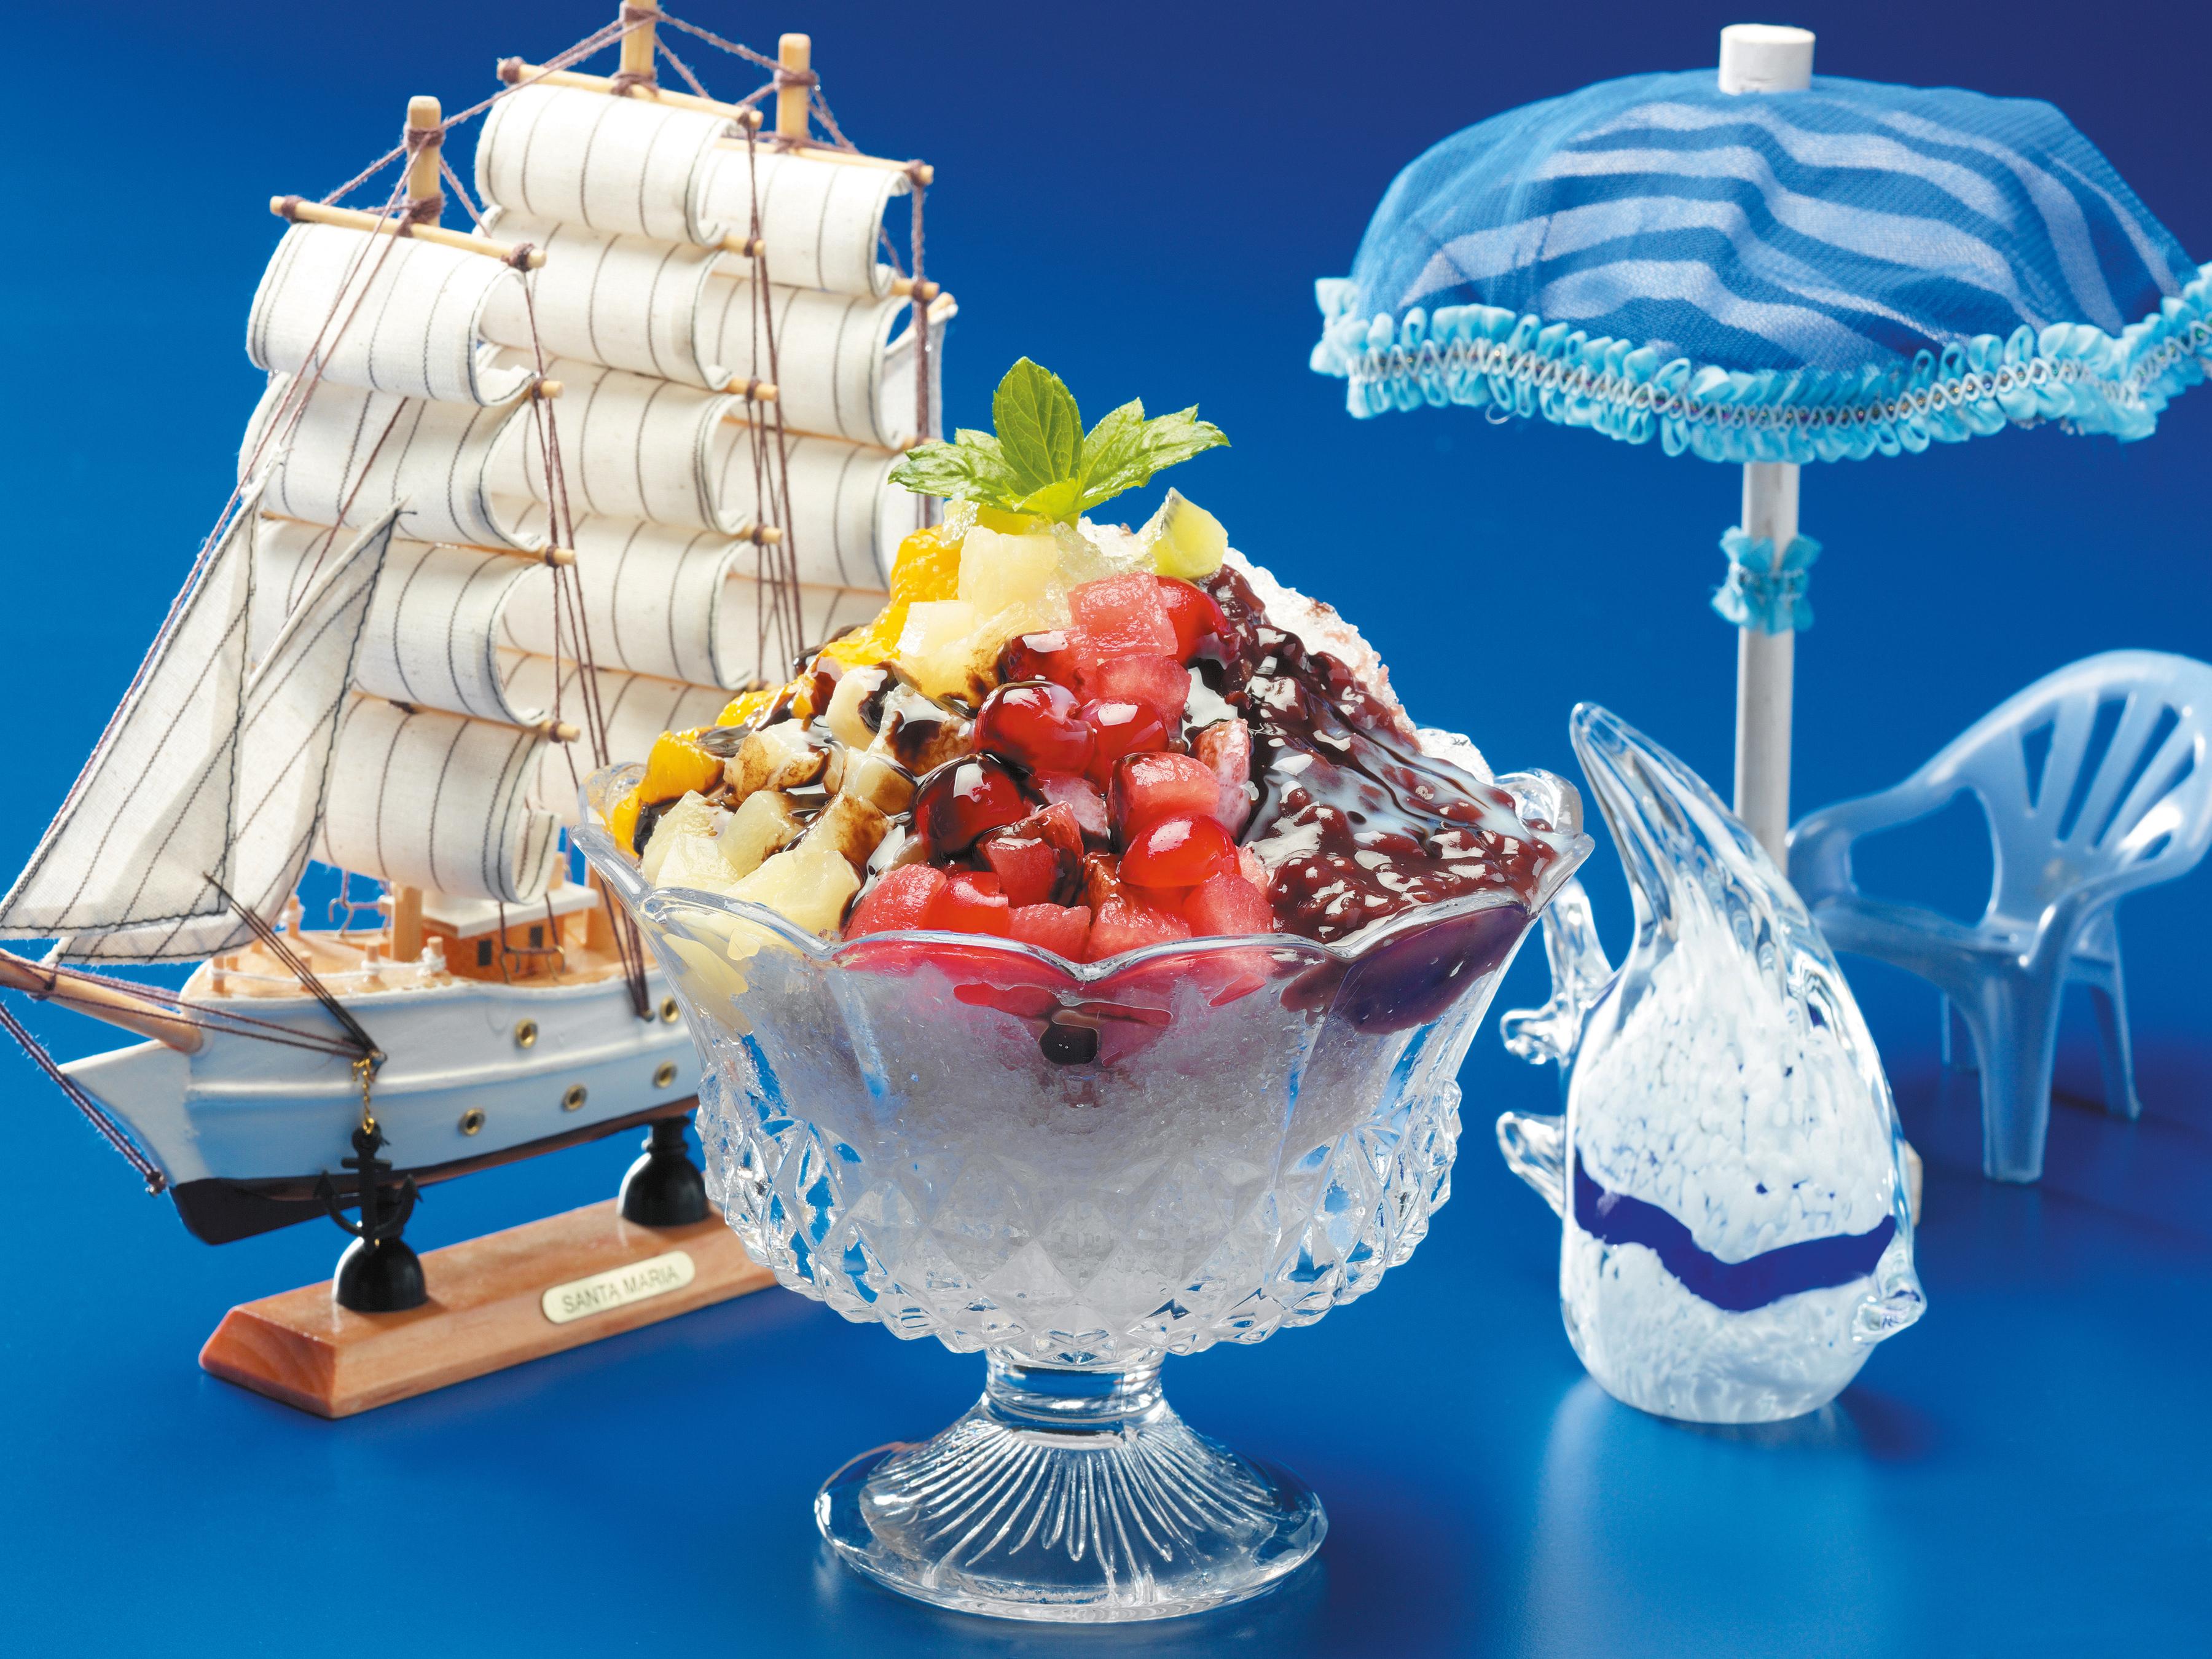 Bilder von Schokolade Dessert Obst Segeln Regenschirm Lebensmittel Design Farbigen hintergrund 3600x2700 Nachtisch